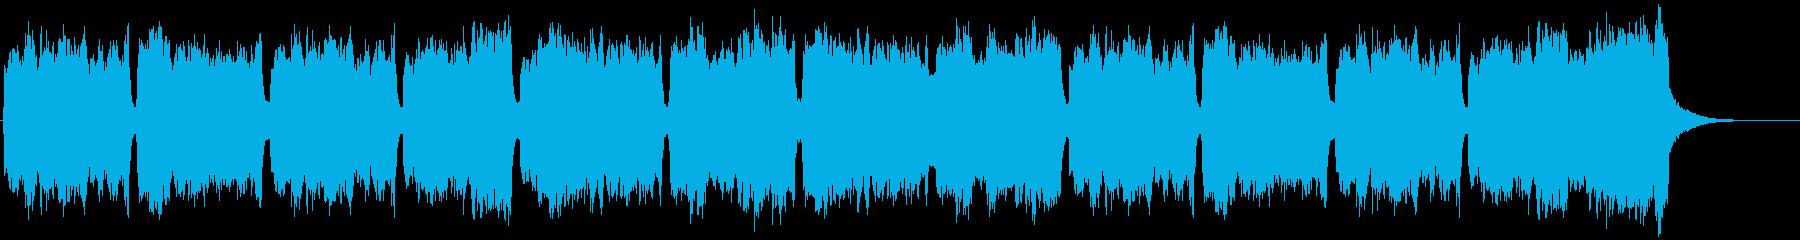 教会の聖歌イメージのパイプオルガン曲の再生済みの波形